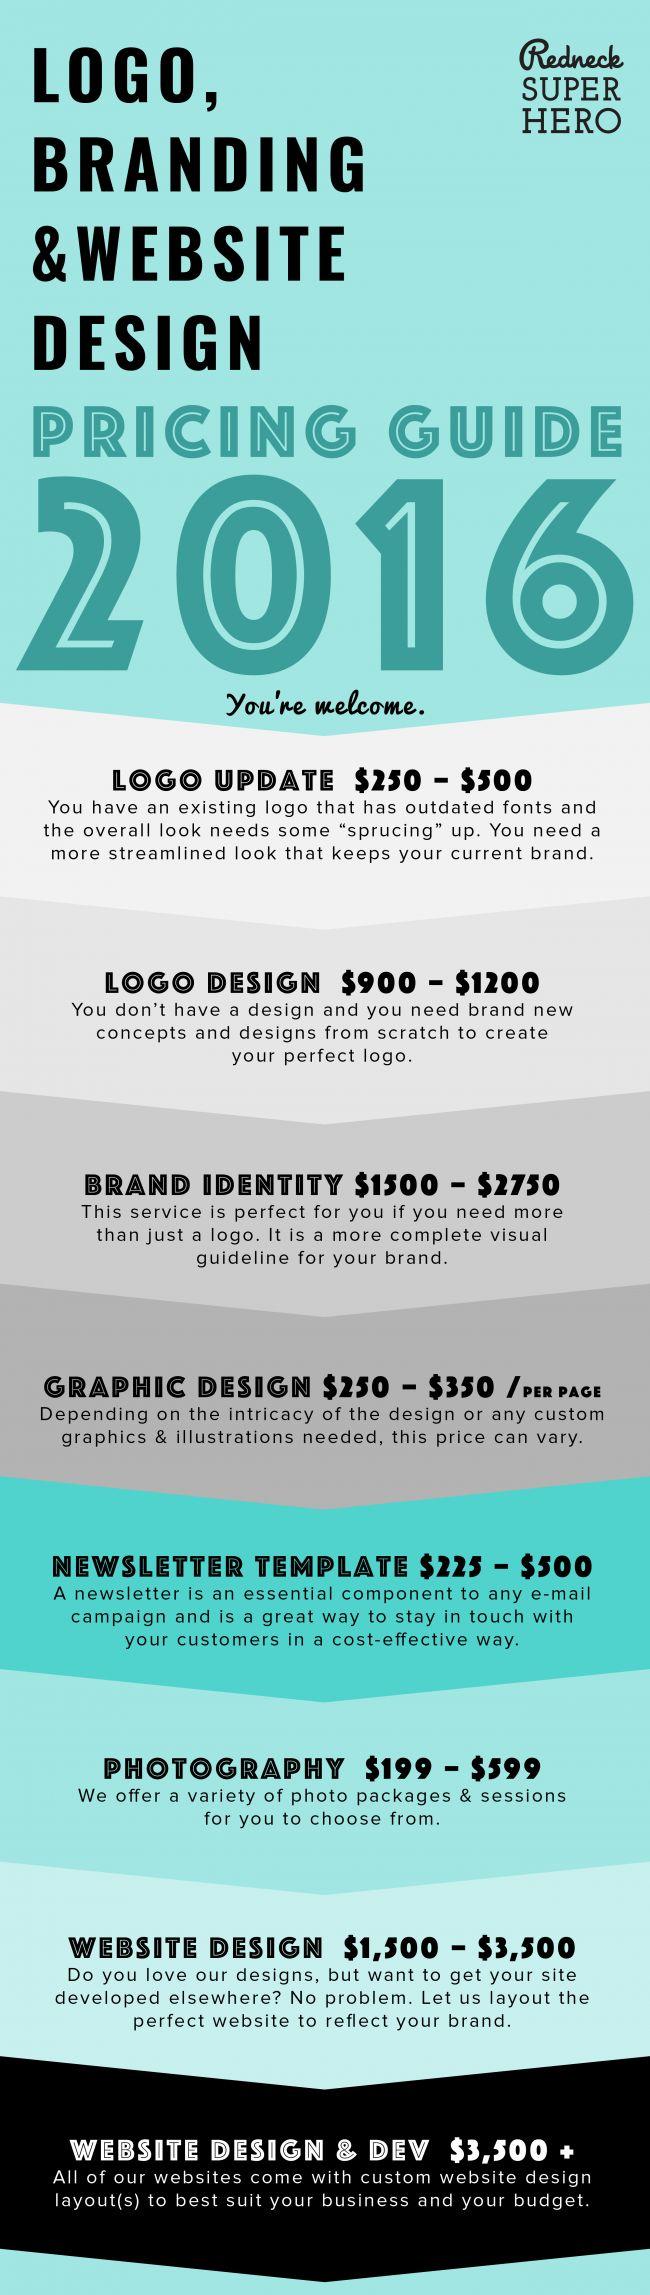 764 besten Graphic Design Bilder auf Pinterest | Infografik ...